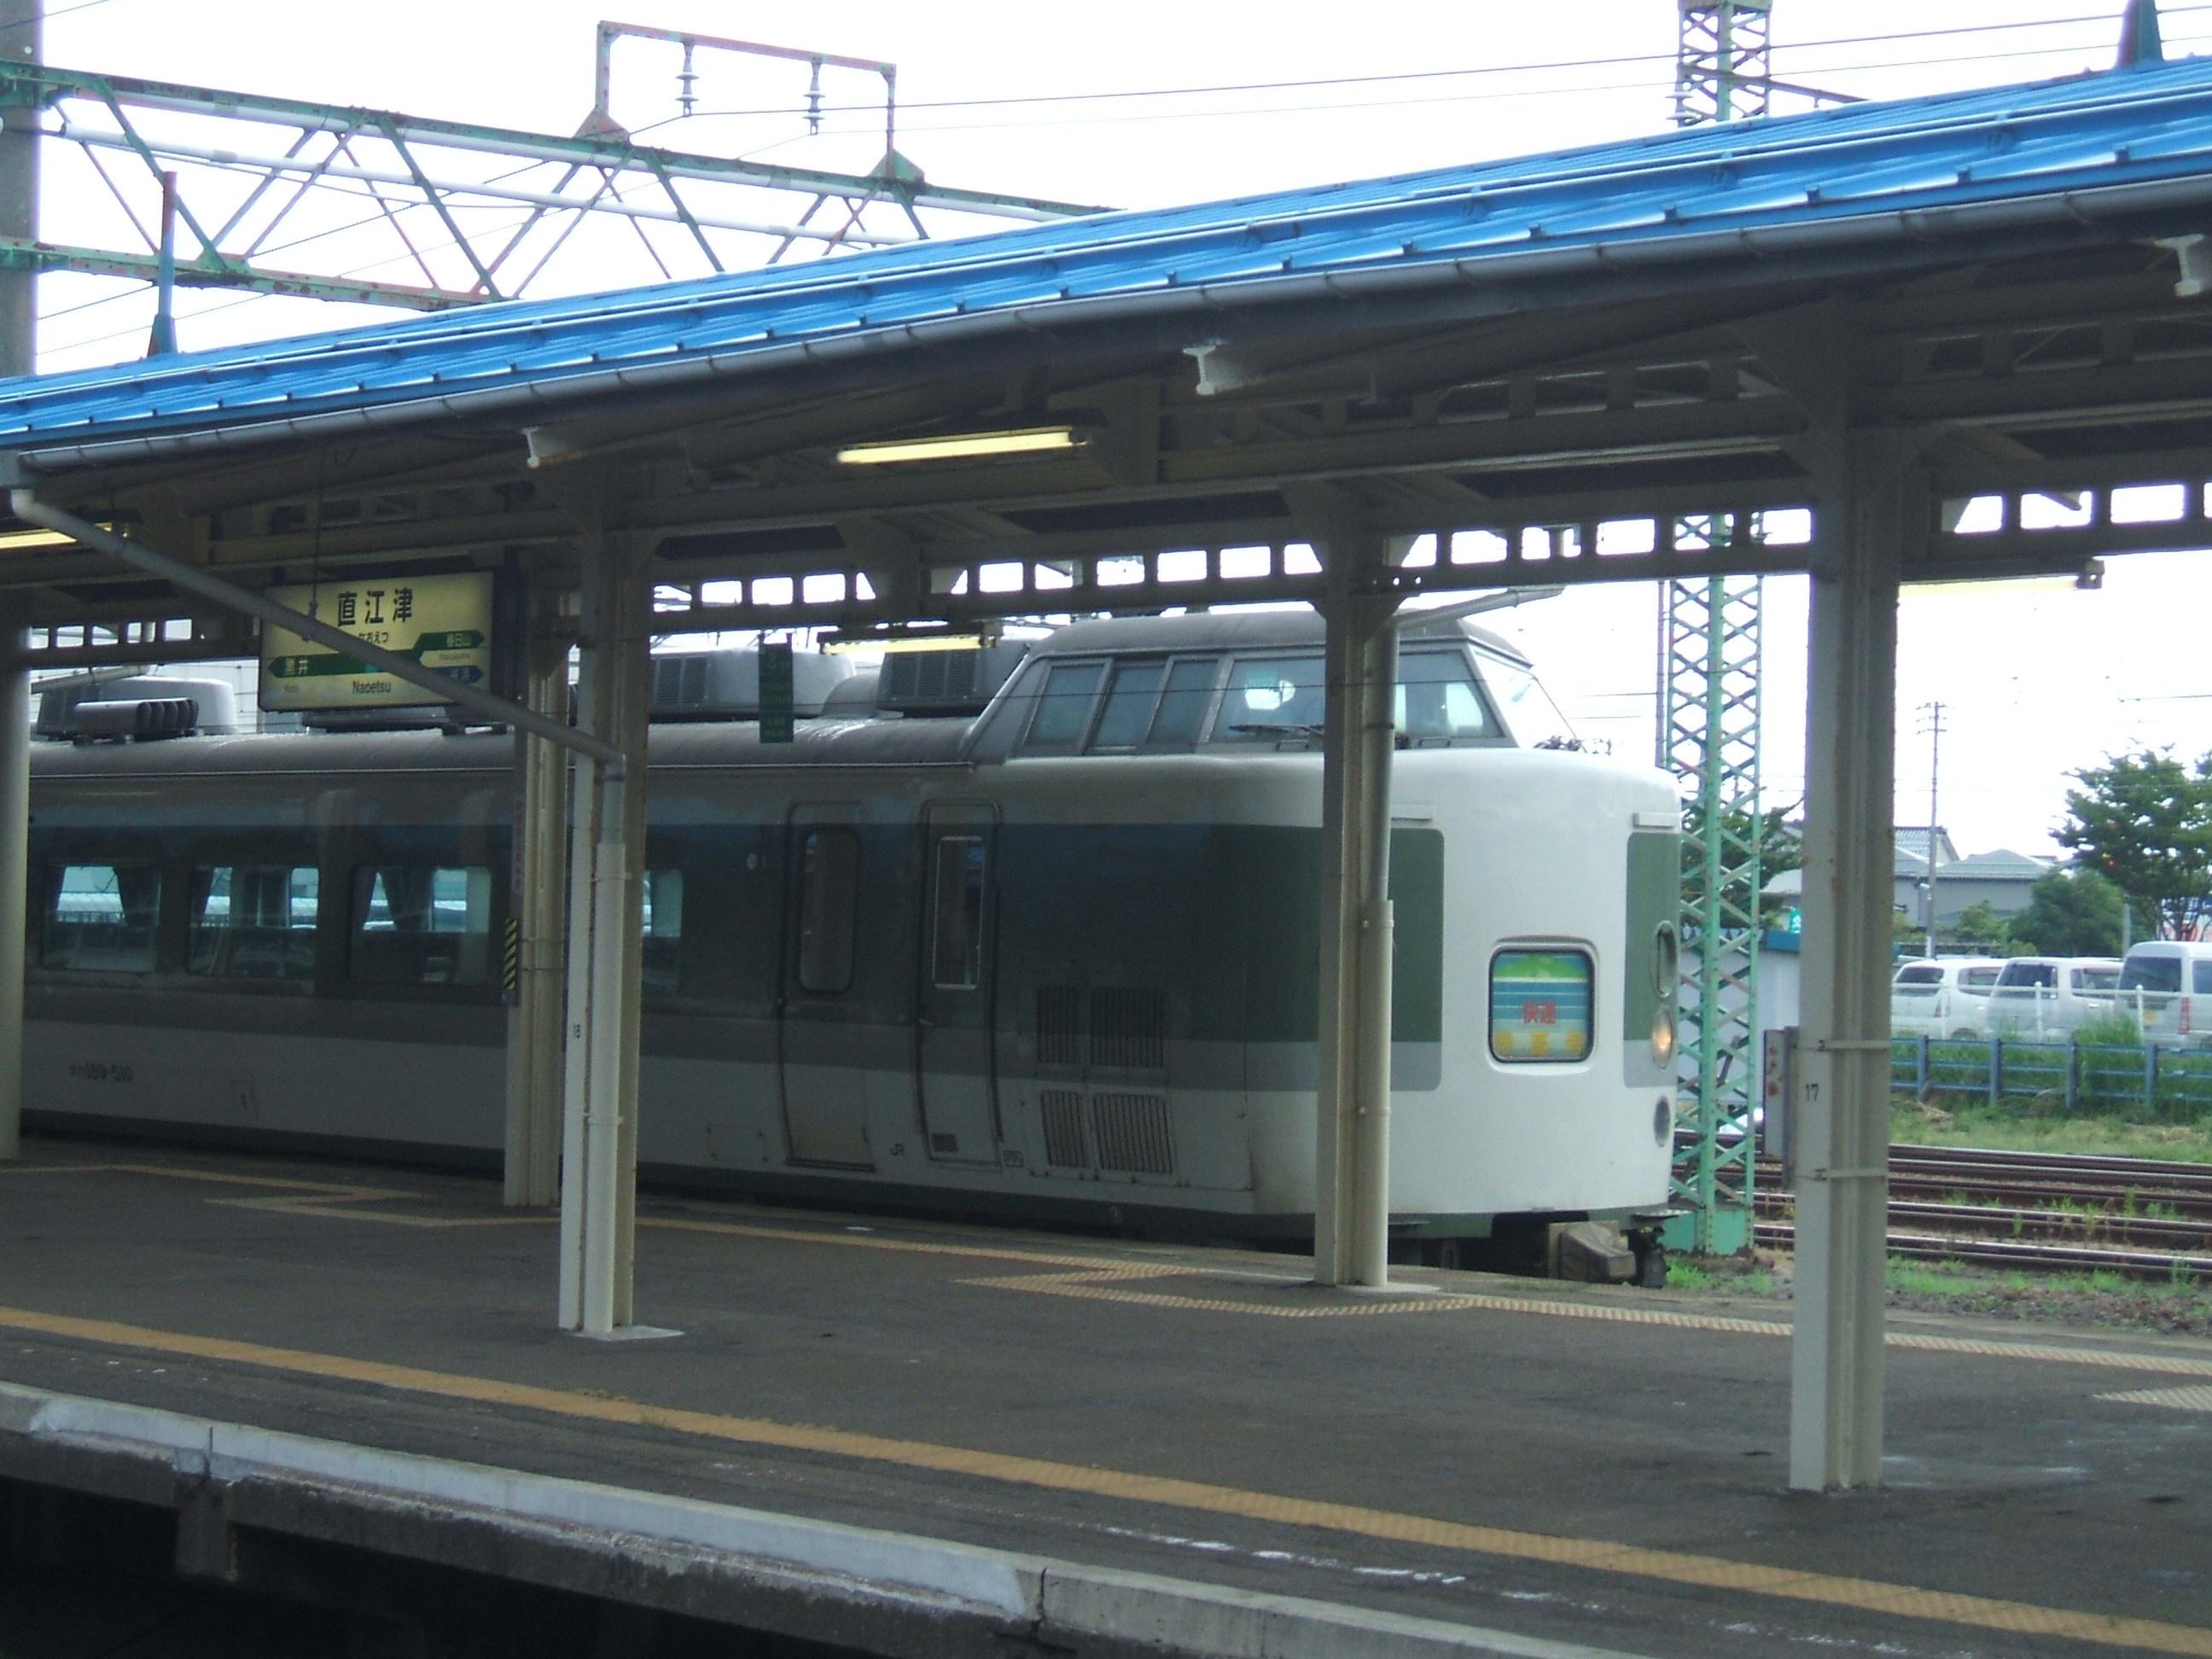 DSCF2598.jpg